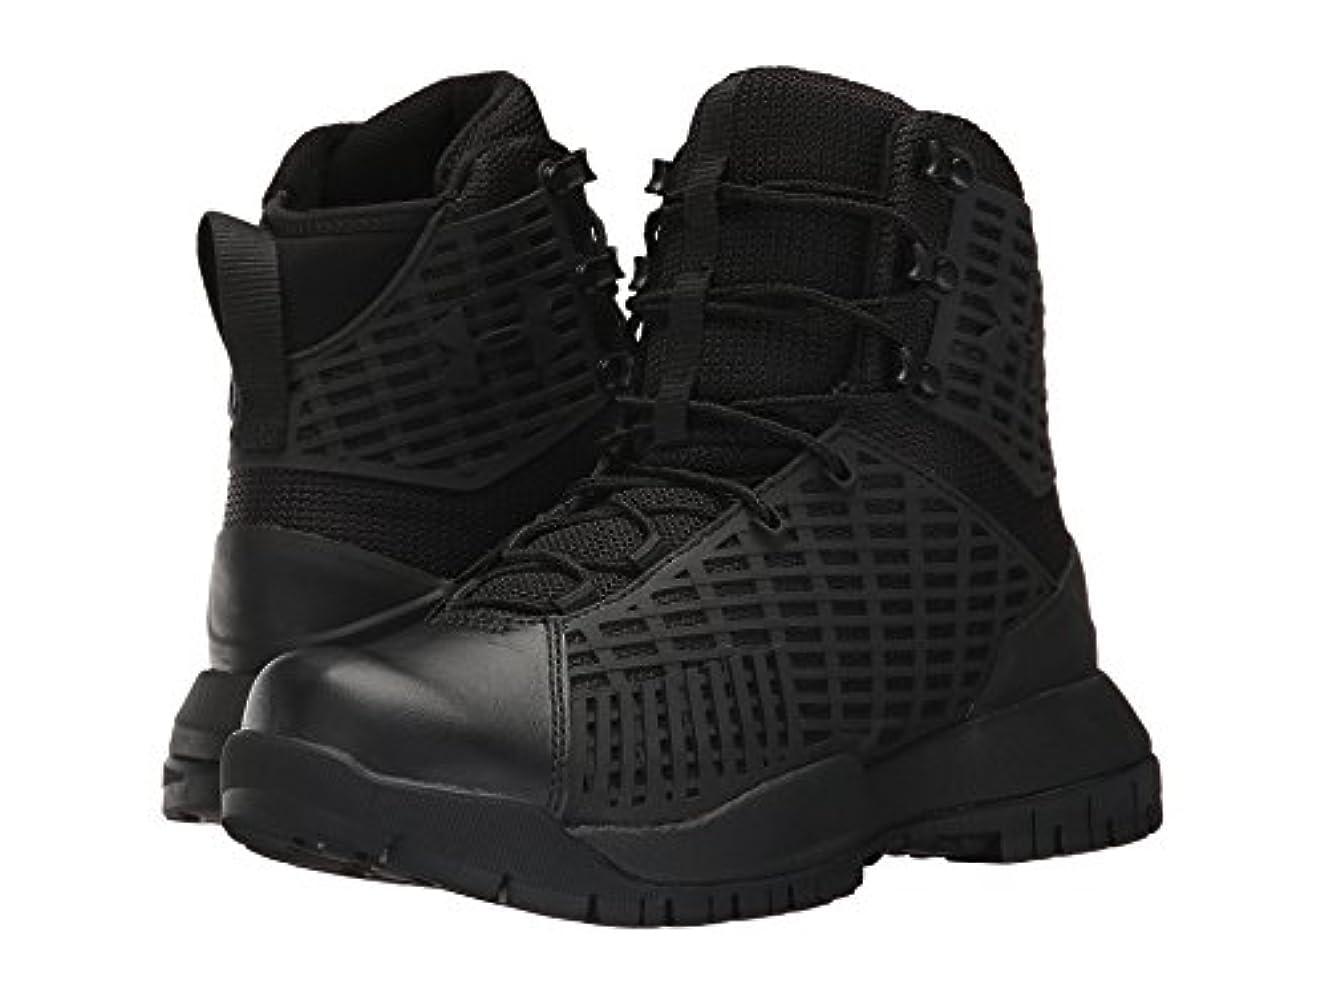 直面する肌スリチンモイ(アンダーアーマー) UNDER ARMOUR レディースブーツ?靴 UA Stryker Black/Black/Black 8.5 (25.5cm) B - Medium